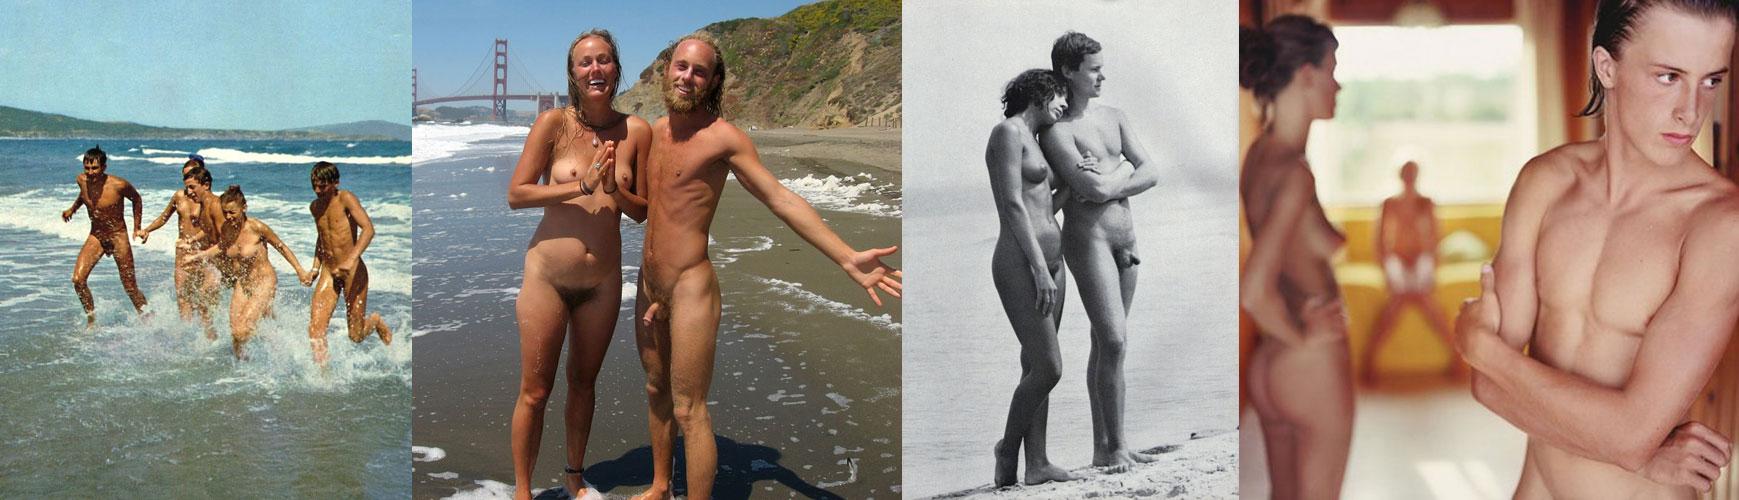 coed-nude-sauna-pics-deepthroat-blowjobs